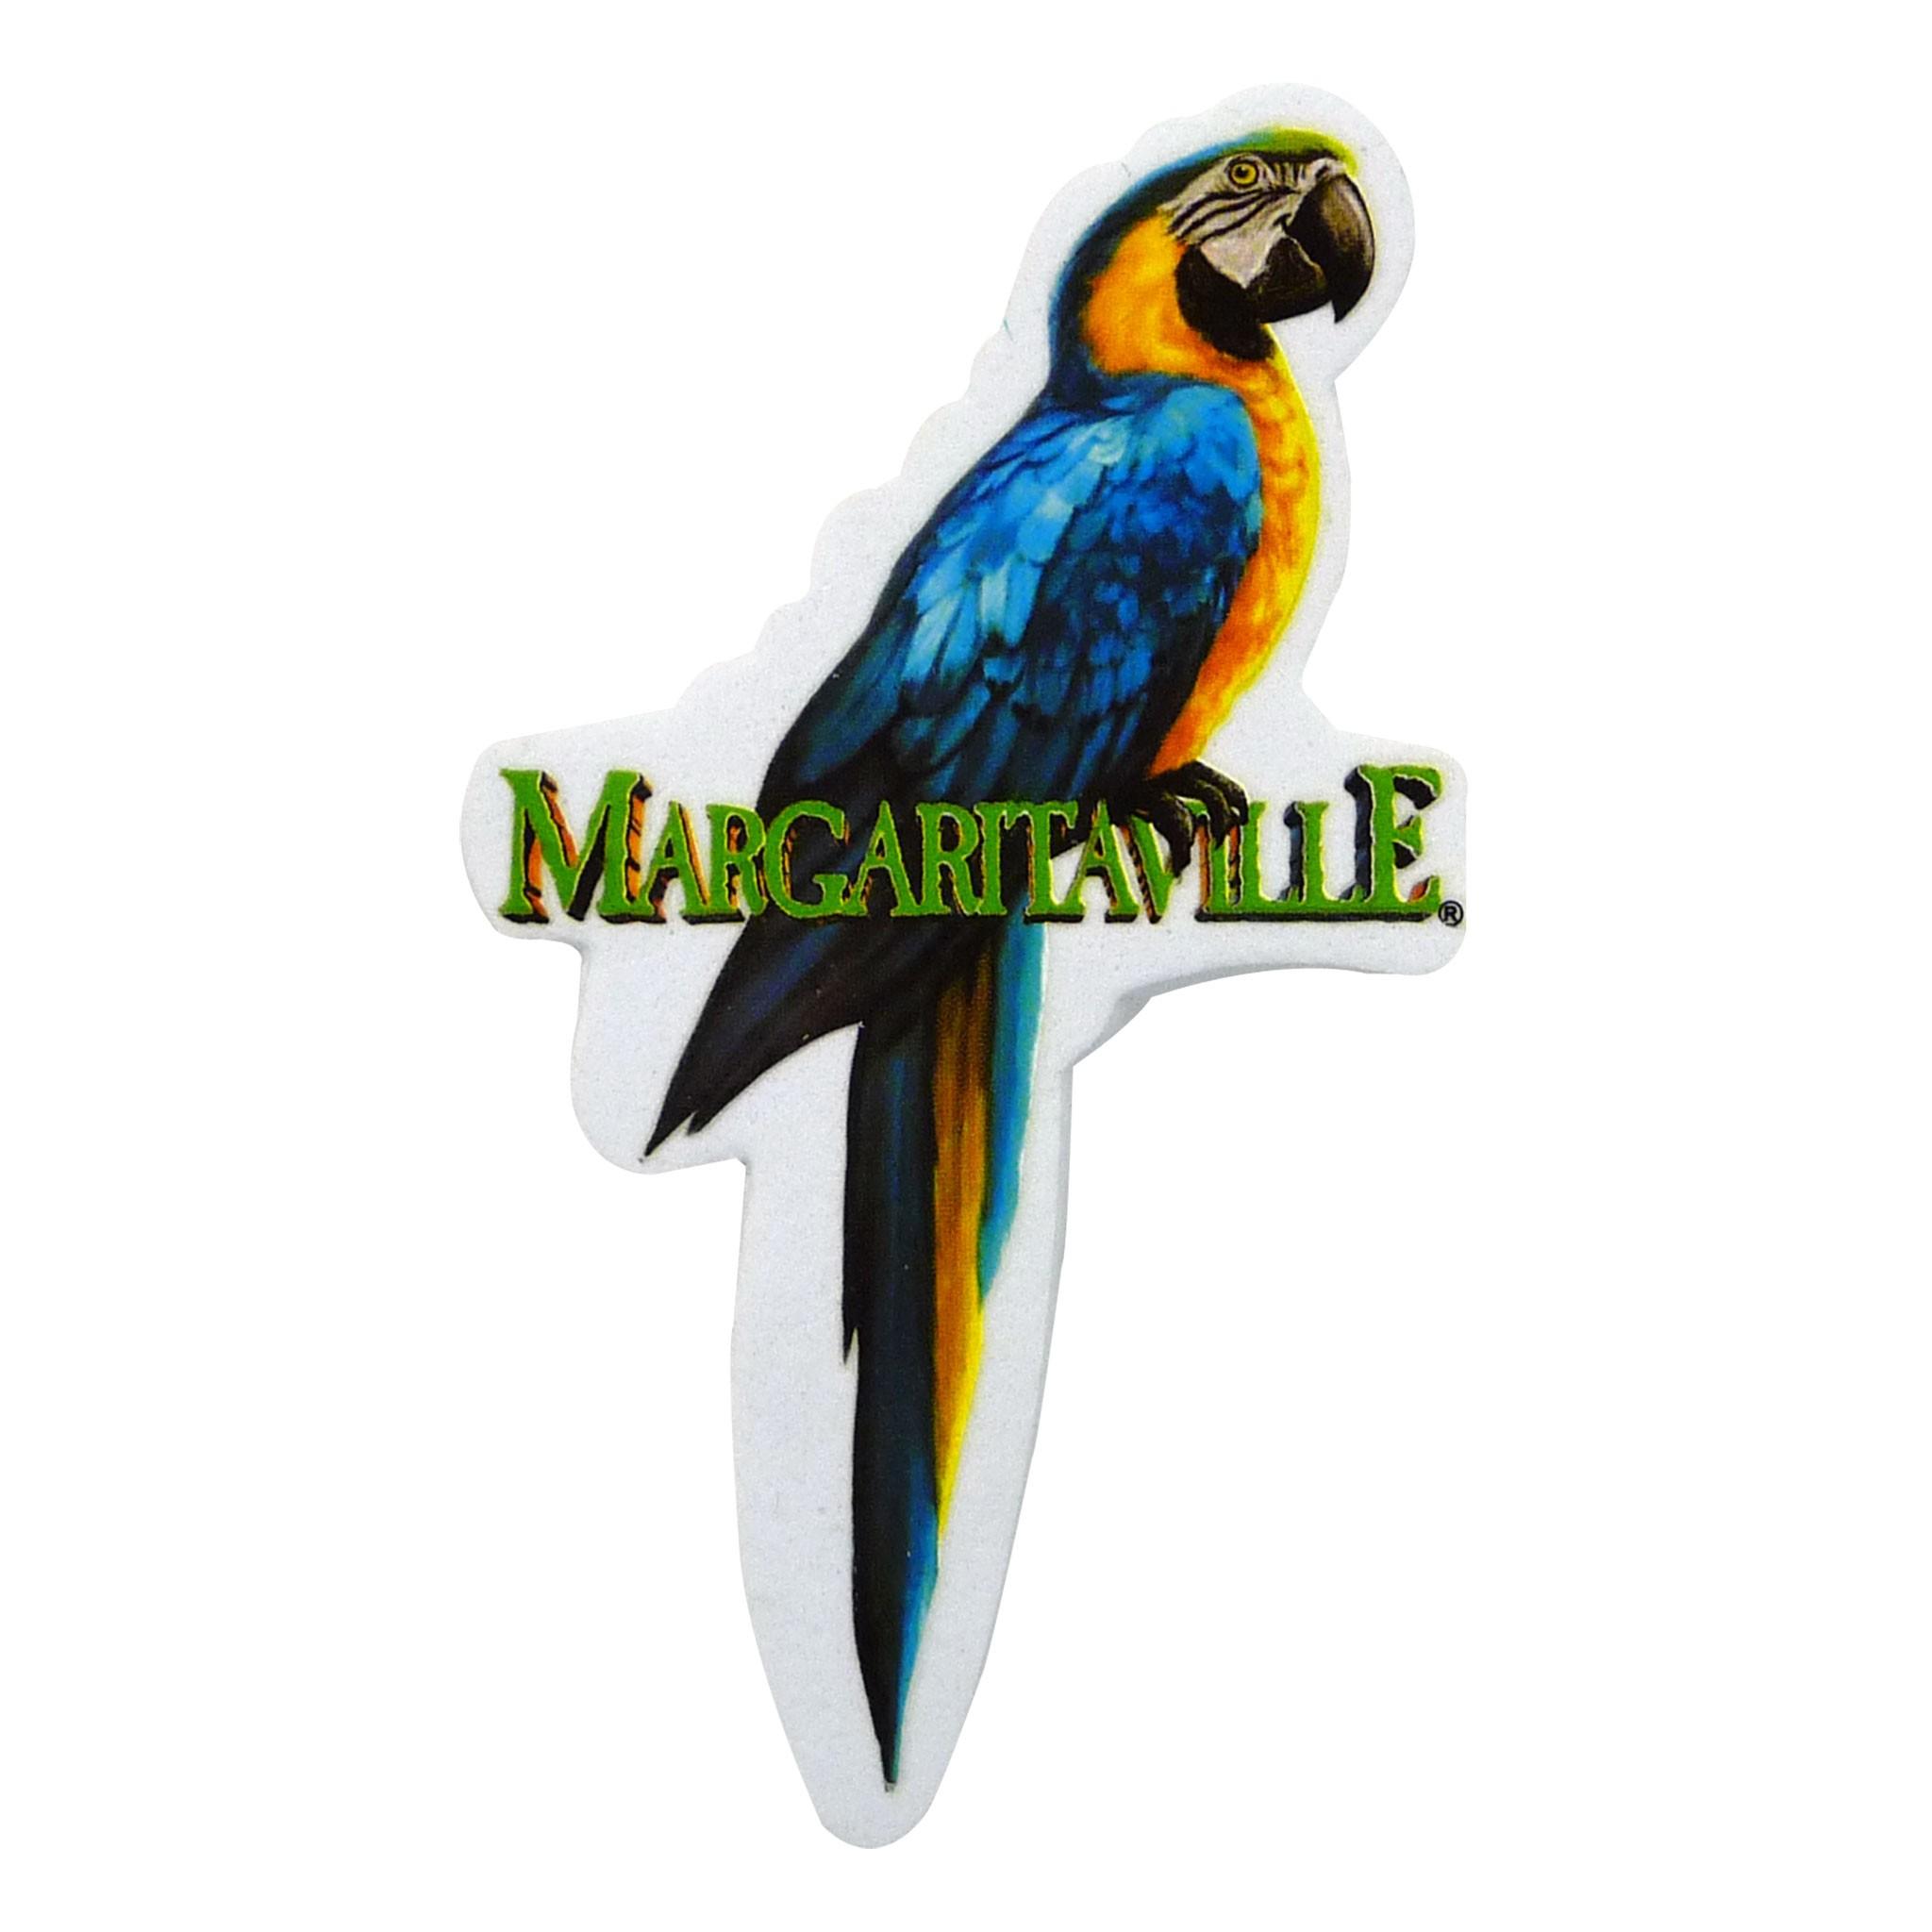 Margaritaville Parrot Logo